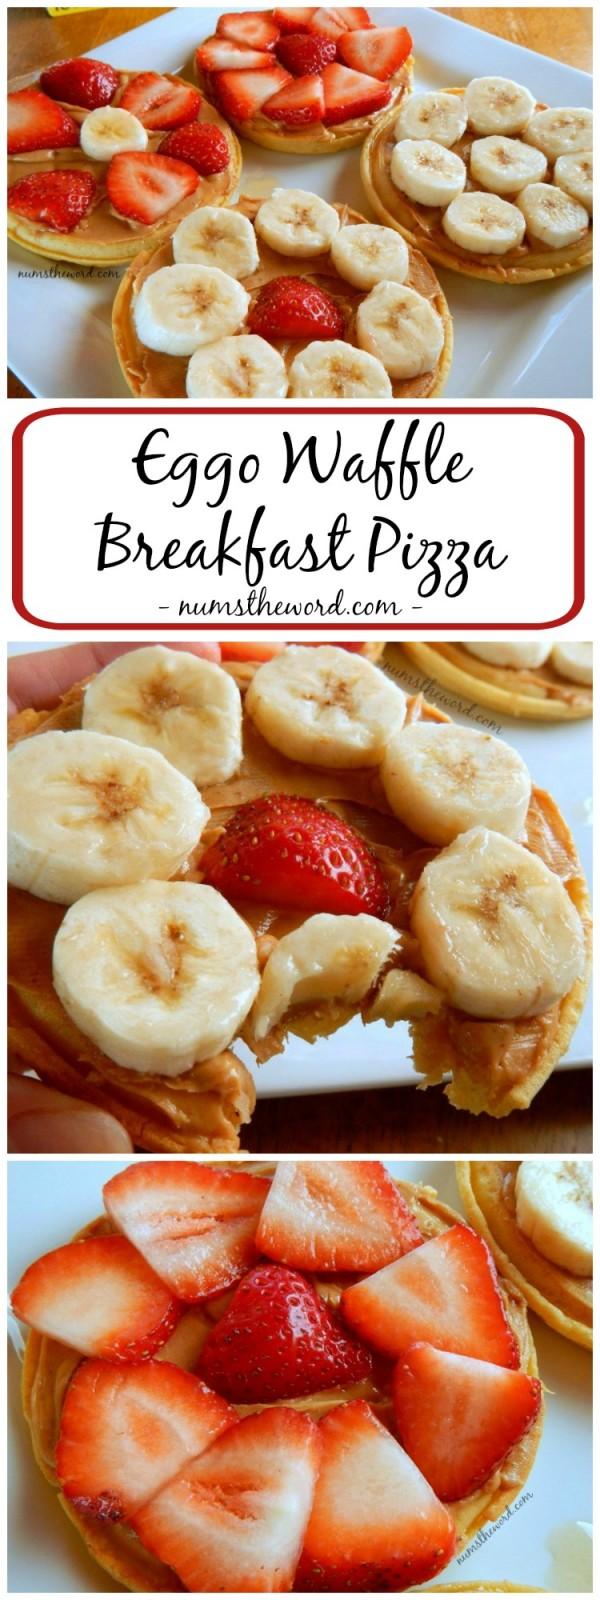 Get the recipe Eggo Waffle Breakfast Pizza @recipes_to_go